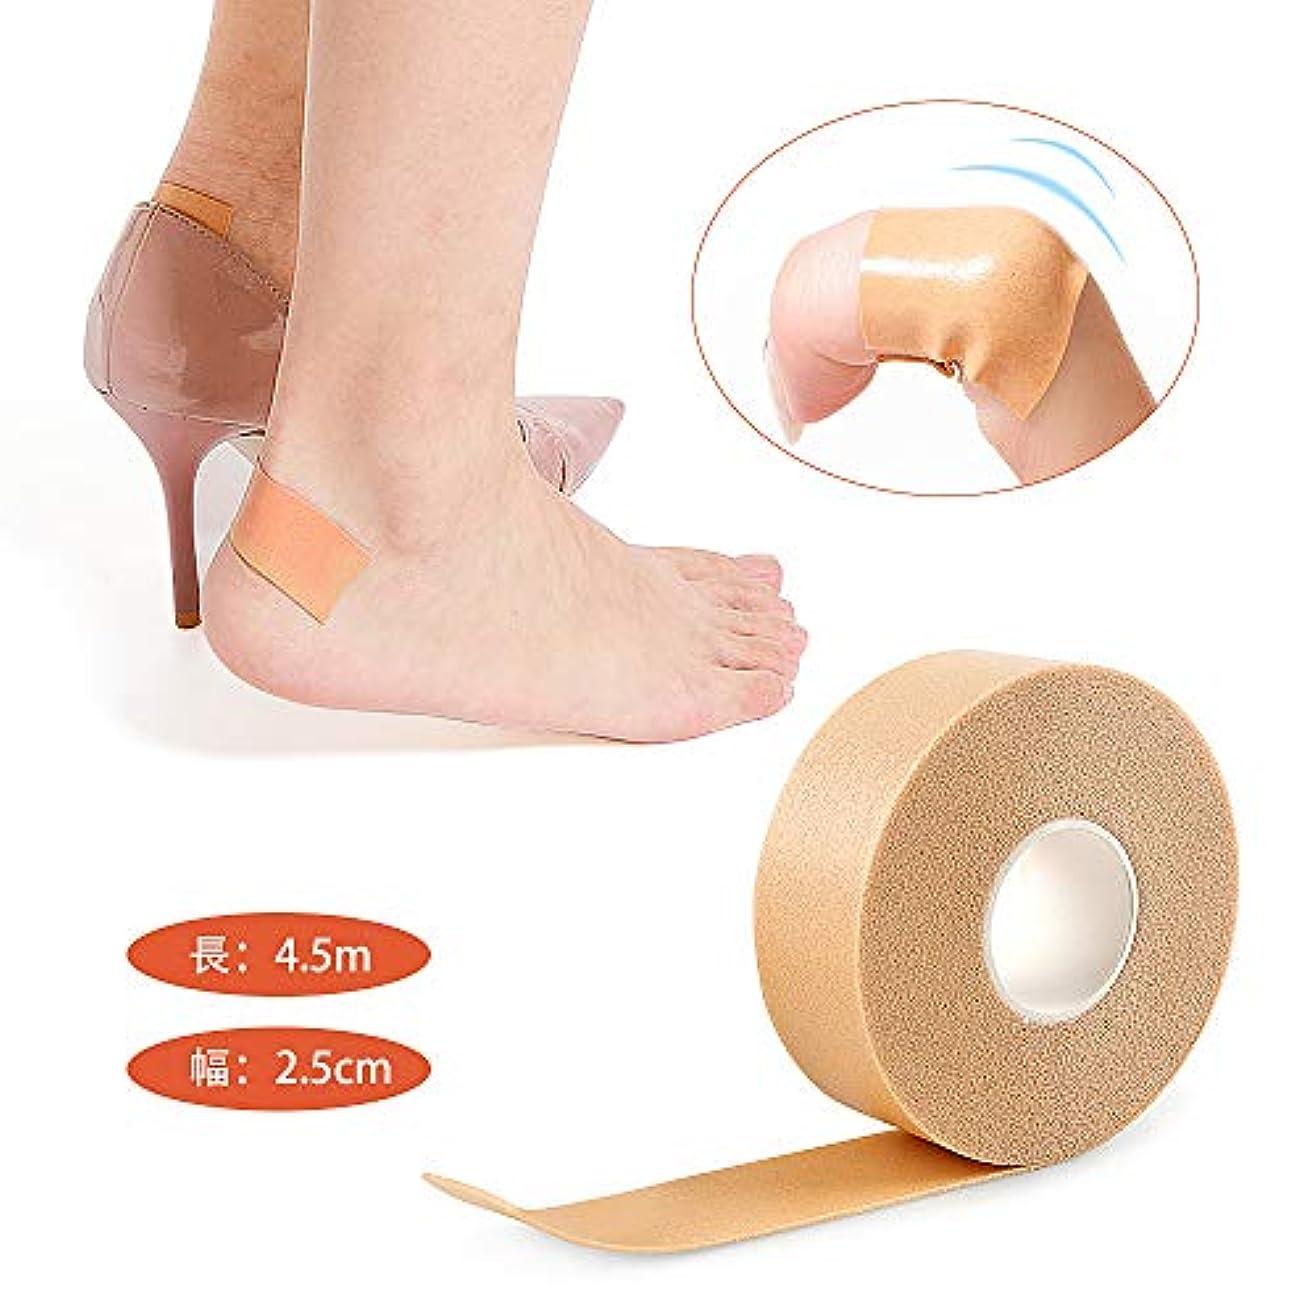 著名なアフリカ人レザーAzue 靴擦れ防止パッド かかとパッド 靴ずれ予防テープ テープ 防水素材 粘着 幅2.5cm×長4.5m 保護テープ 足用保護パッド 男女兼用